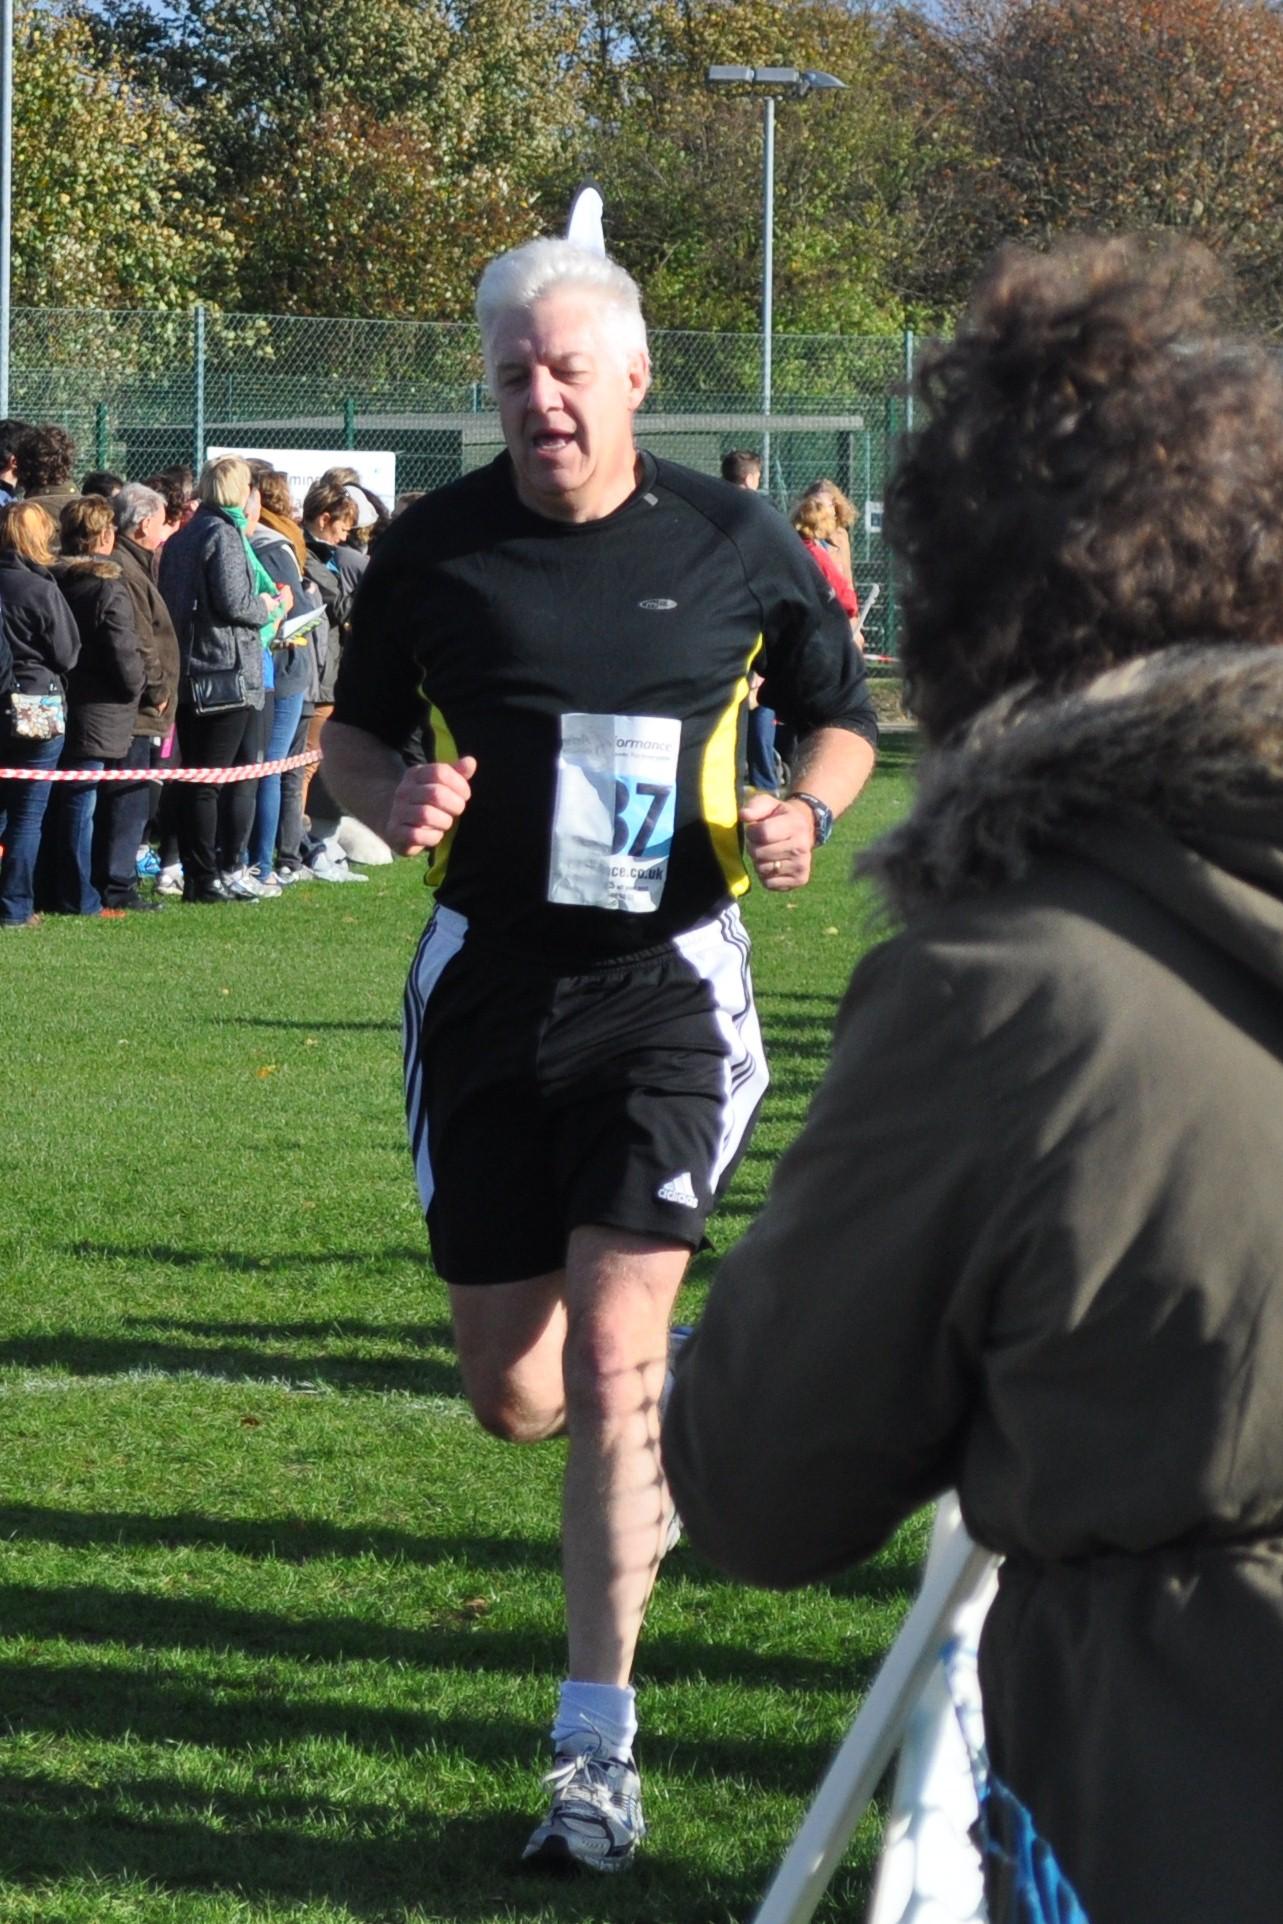 Chris finishing the Bonfire Burn 10K race in November 2013